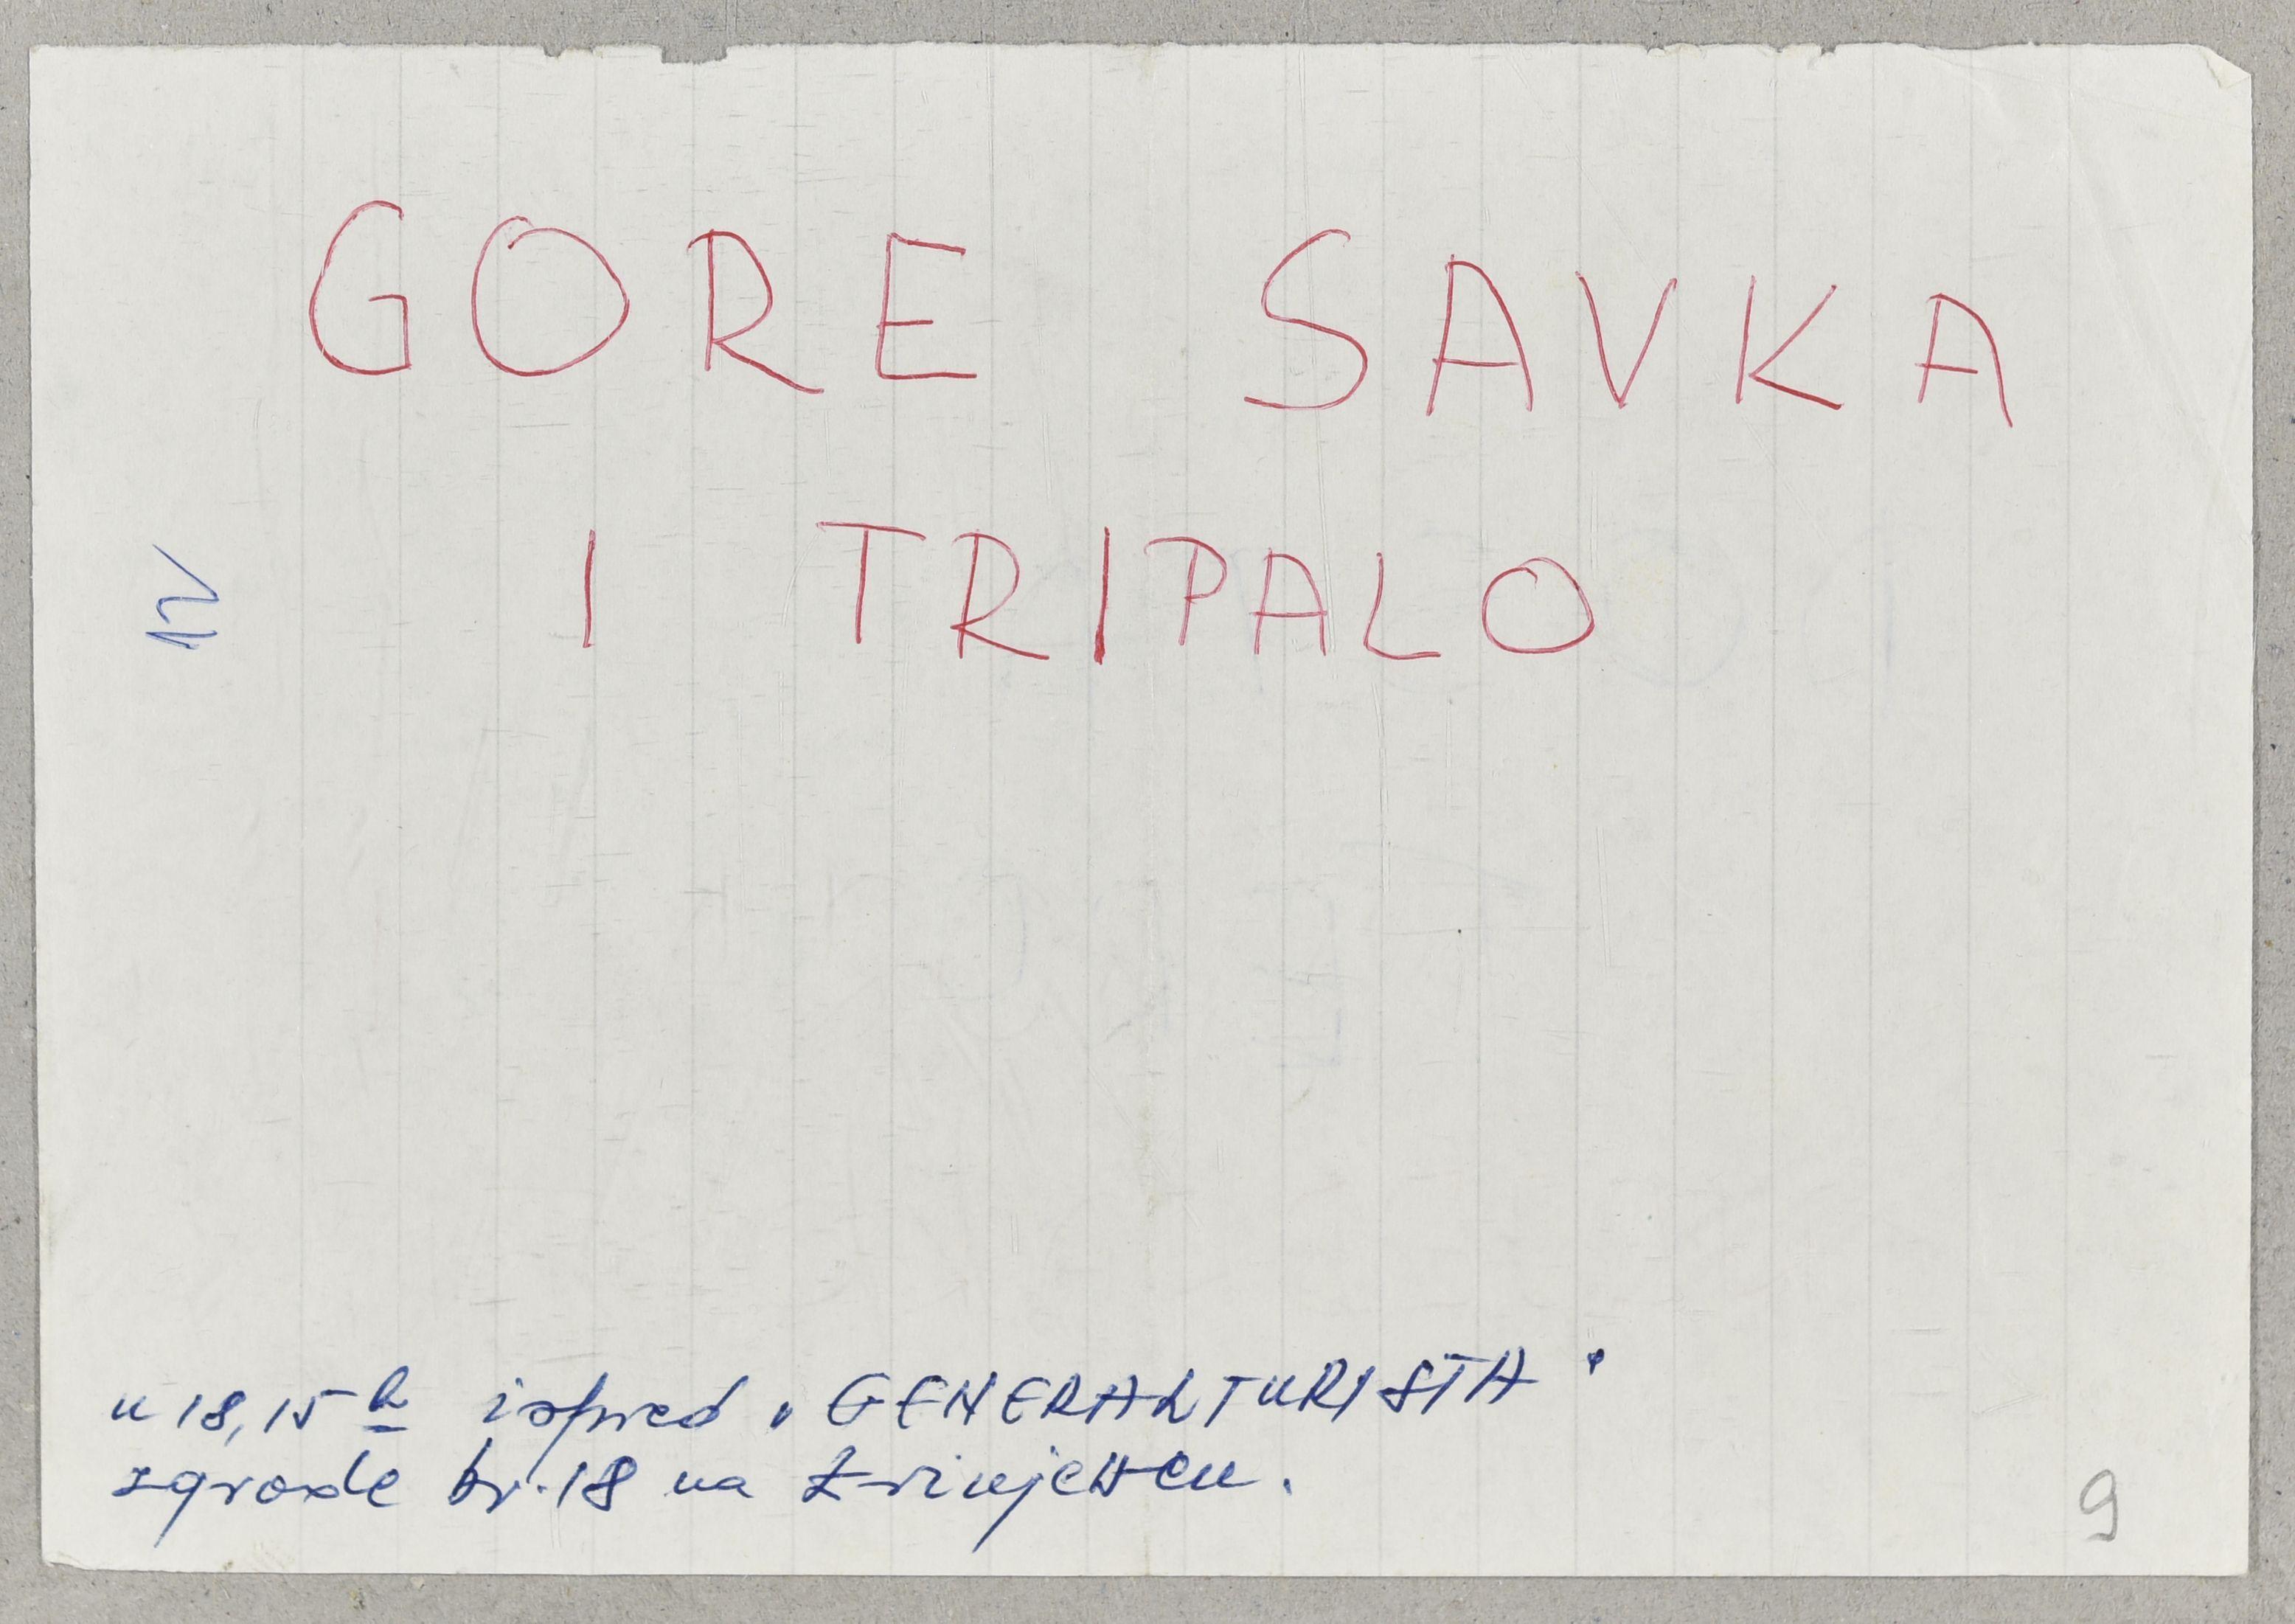 Letak podrške hrvatskom, reformistički i nacionalno orijentiranom političkom vodstvu. 1971. Arhivski dokument.